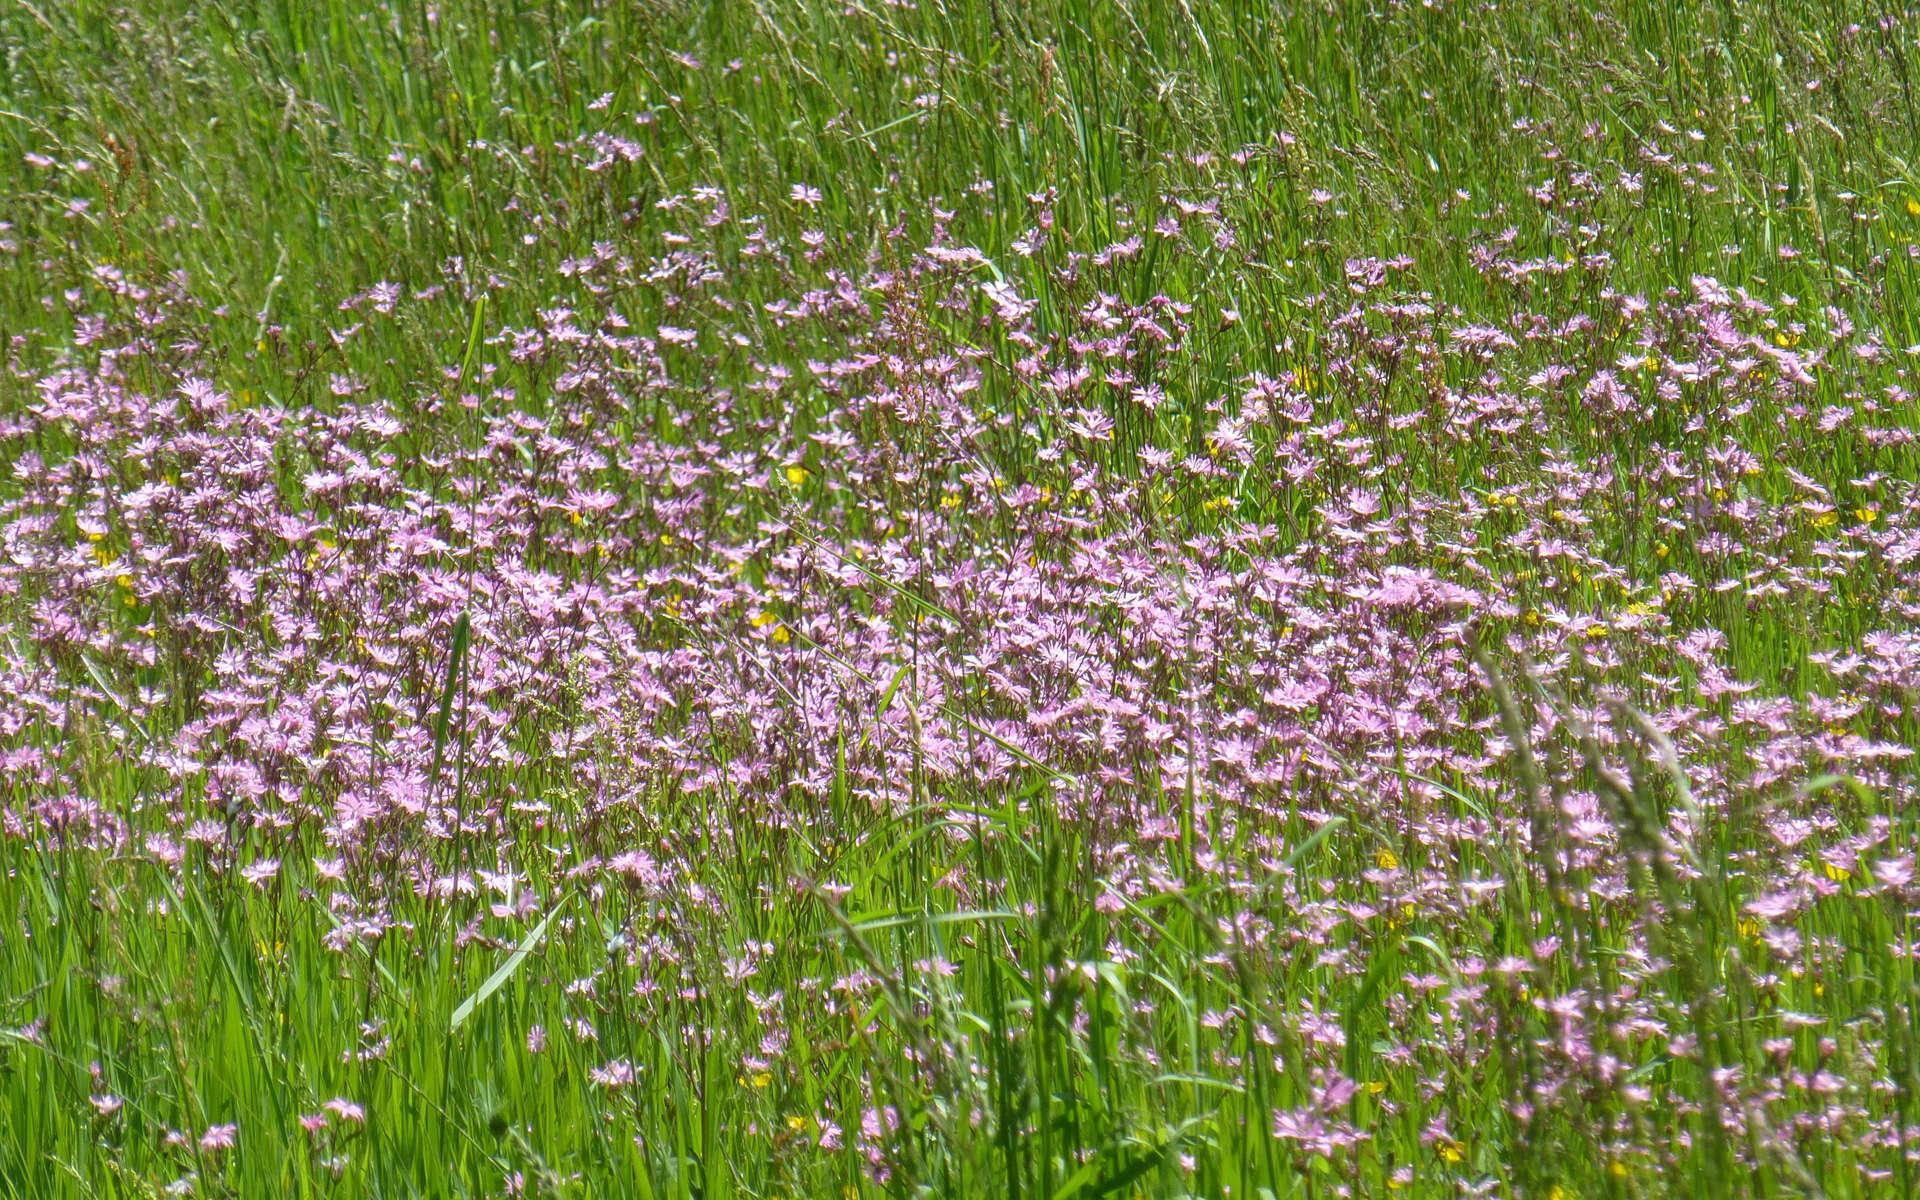 Silène fleur de coucou (Crédits: Nociveglia - Flickr)